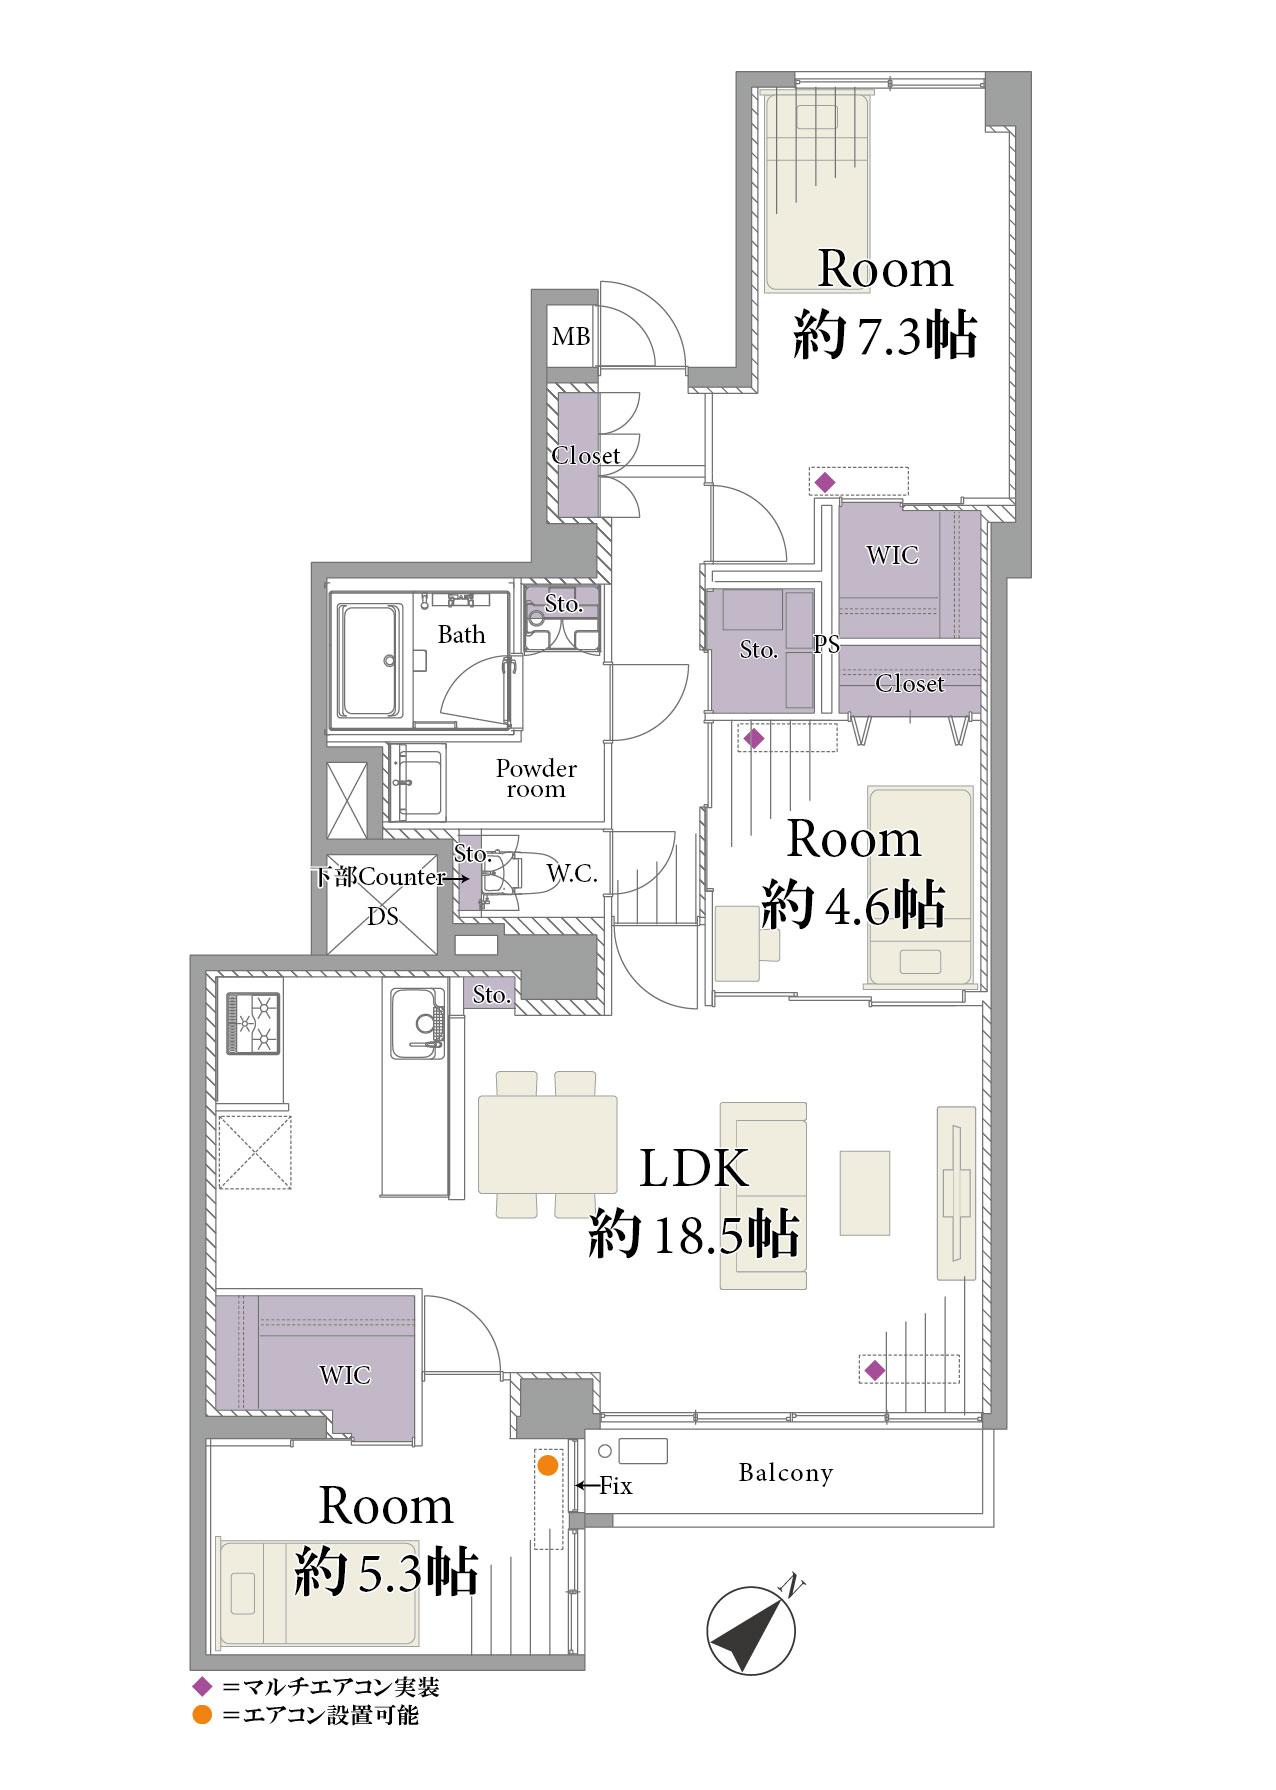 東新宿 豊富な収納スペースで、快適な暮らし 間取り図